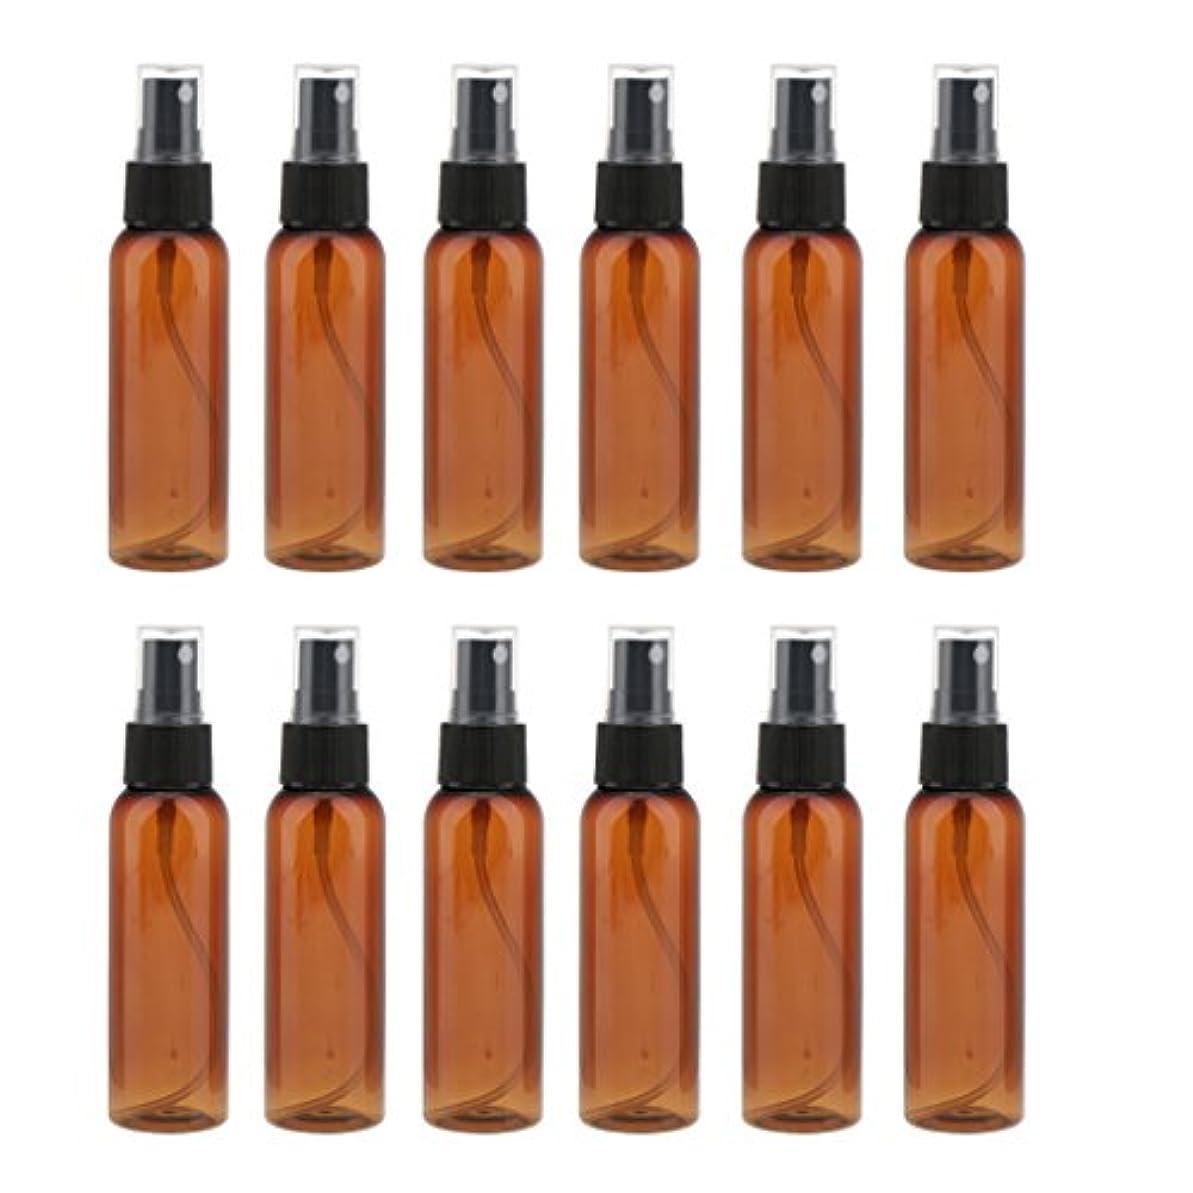 通知ドループ反発する12本の茶色のcomestic空のスプレーボトルの香水クリームアトマイザー60ml - ブラック